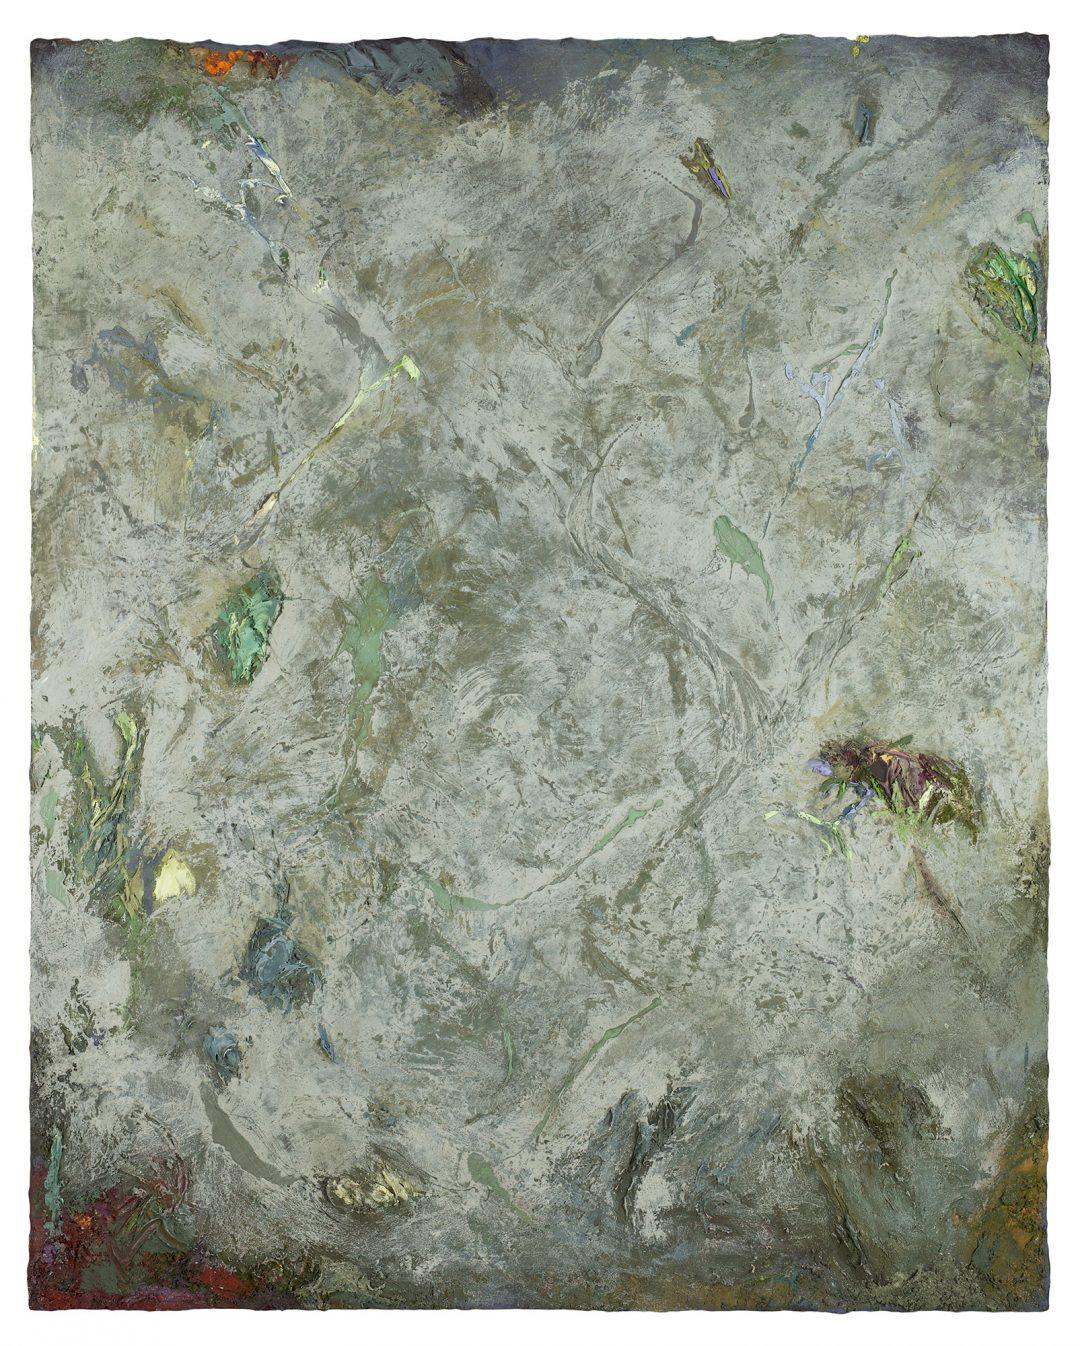 anne-manoli-2018-peinture-huile-emulsion-et-cire-sur-toile-167cmx133cm-serie-les-moires-galerie-nicolas-deman-paris-